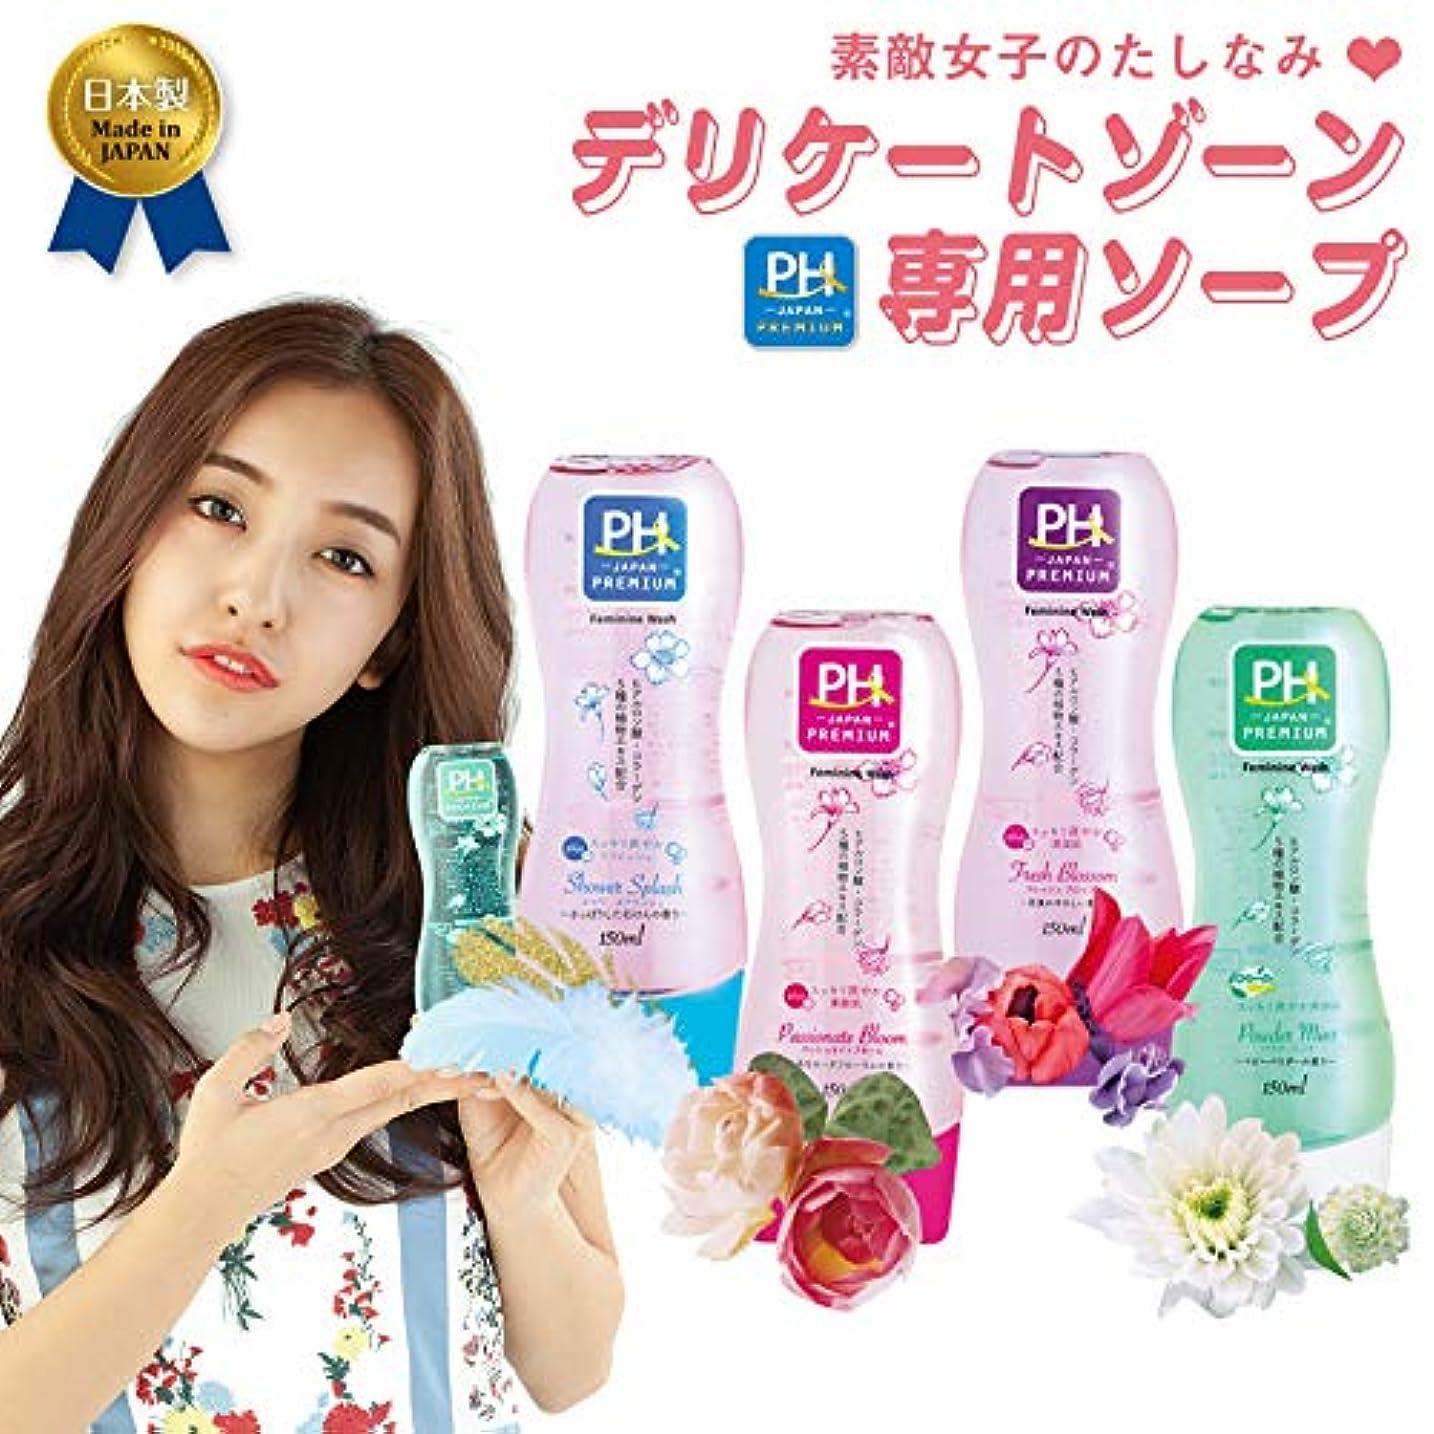 さらに農業シャーフレッシュブロッソム2本セット PH JAPAN フェミニンウォッシュ 花束のやさしい香り